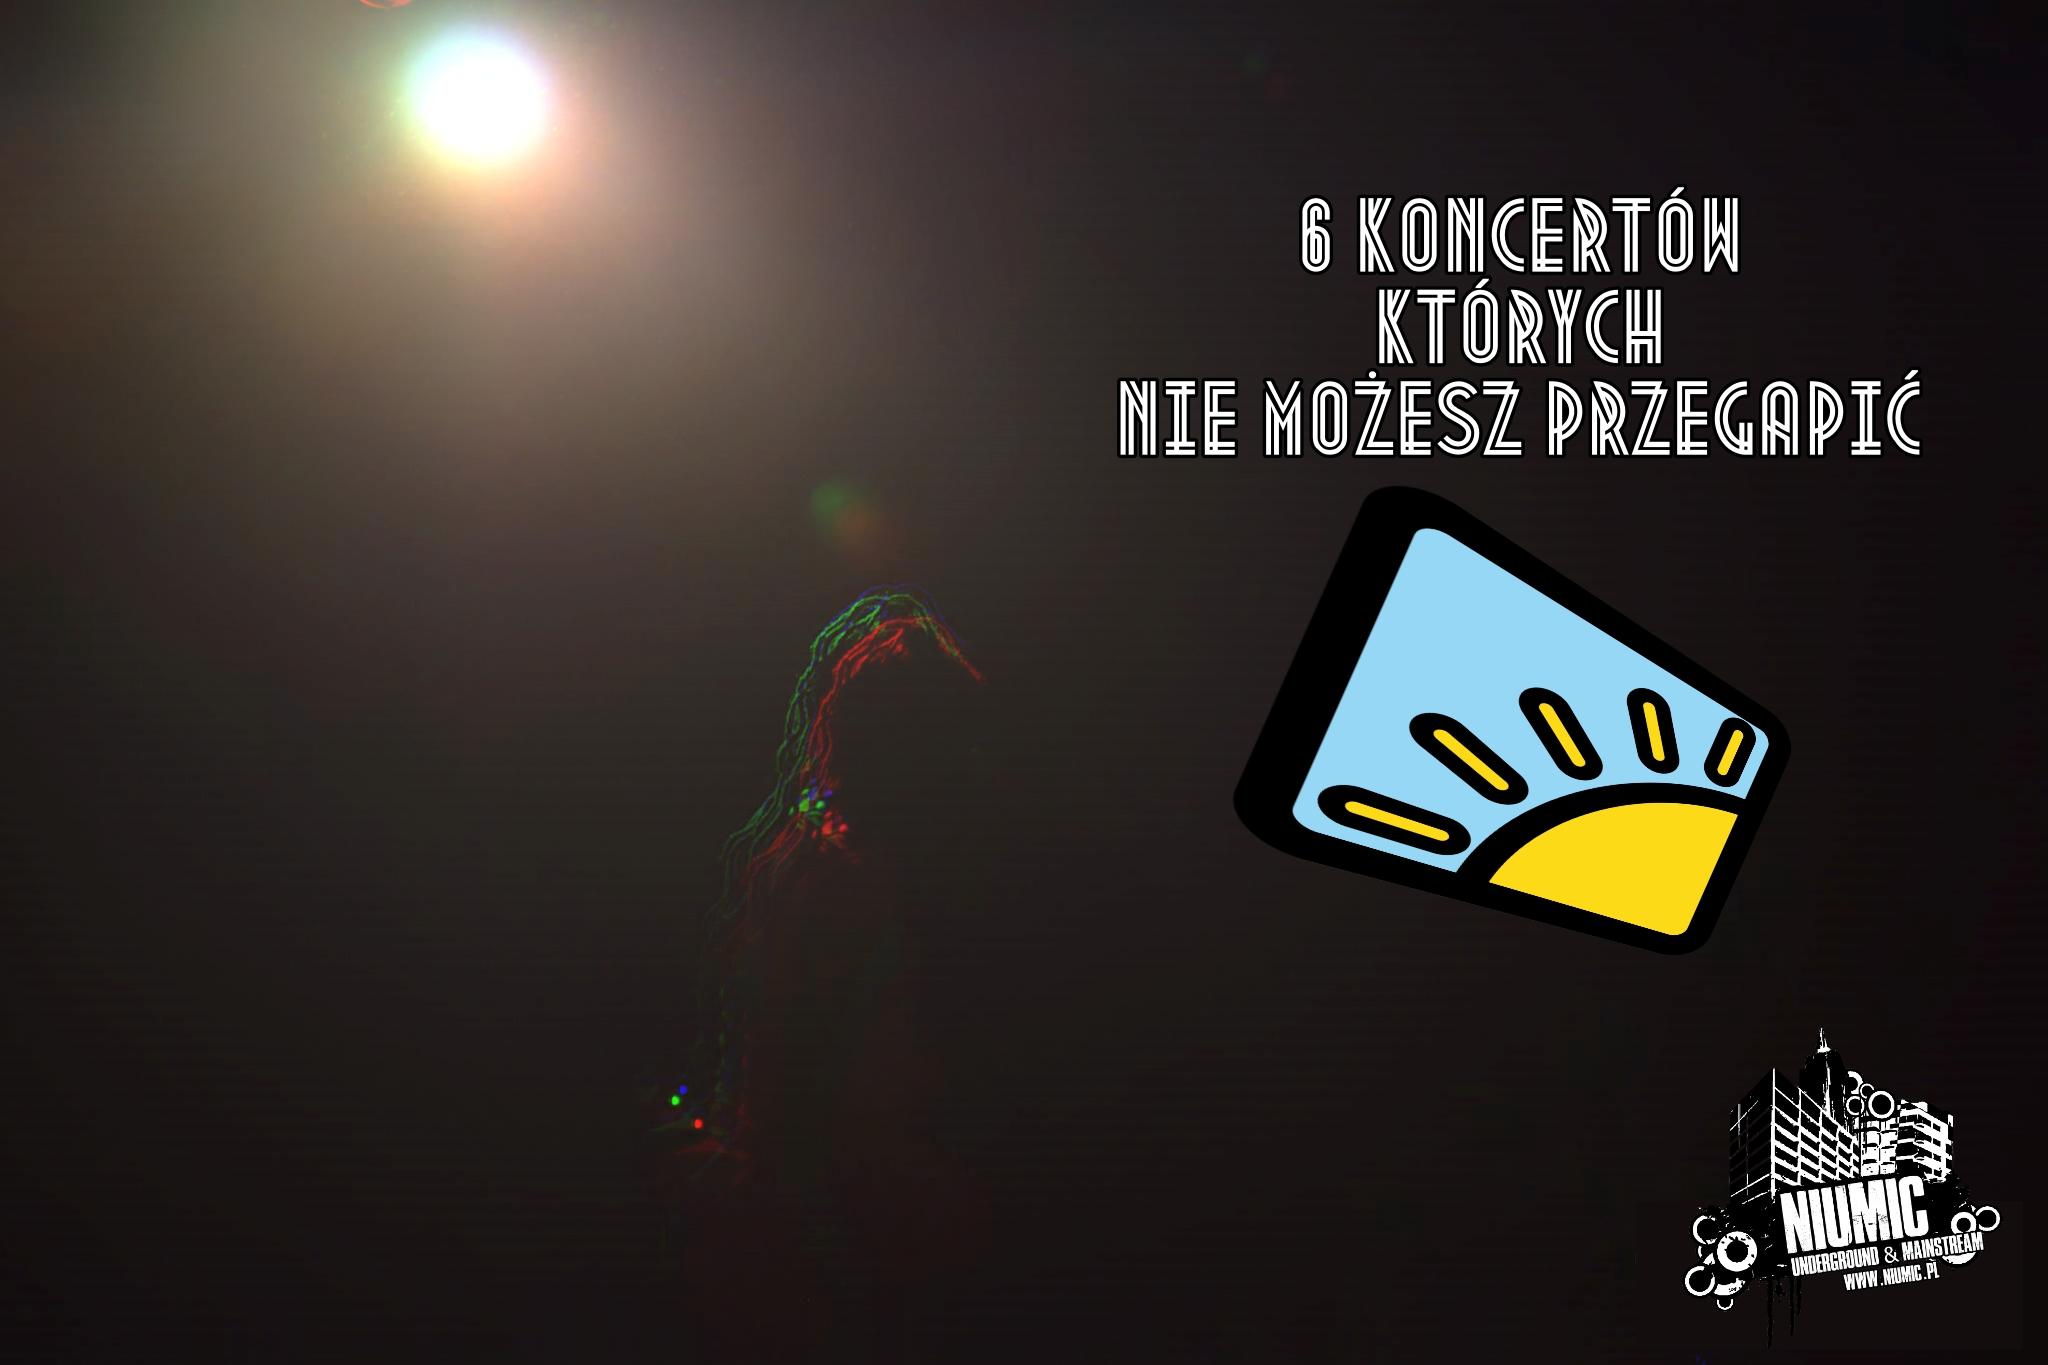 6 Koncertów których nie możesz przegapić! || HHK 2019